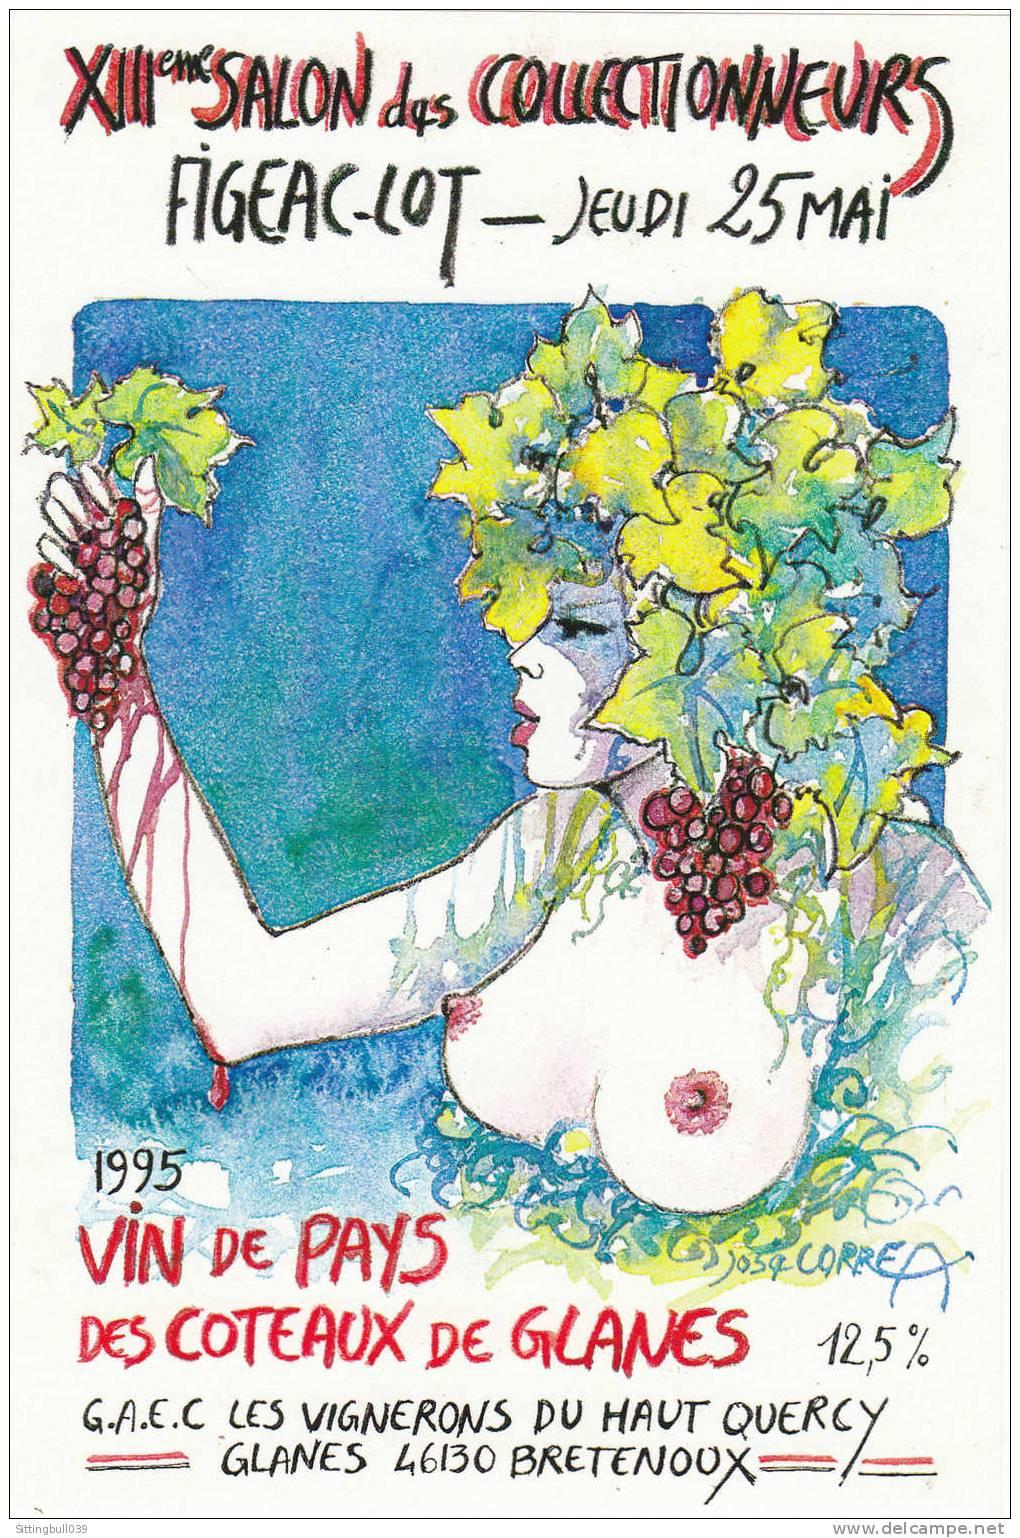 CORREA José. Etiquette De Vin Pour Le XIIIe Salon Des Collectionneurs à FIGEAC. LOT. 1995. - Objets Publicitaires